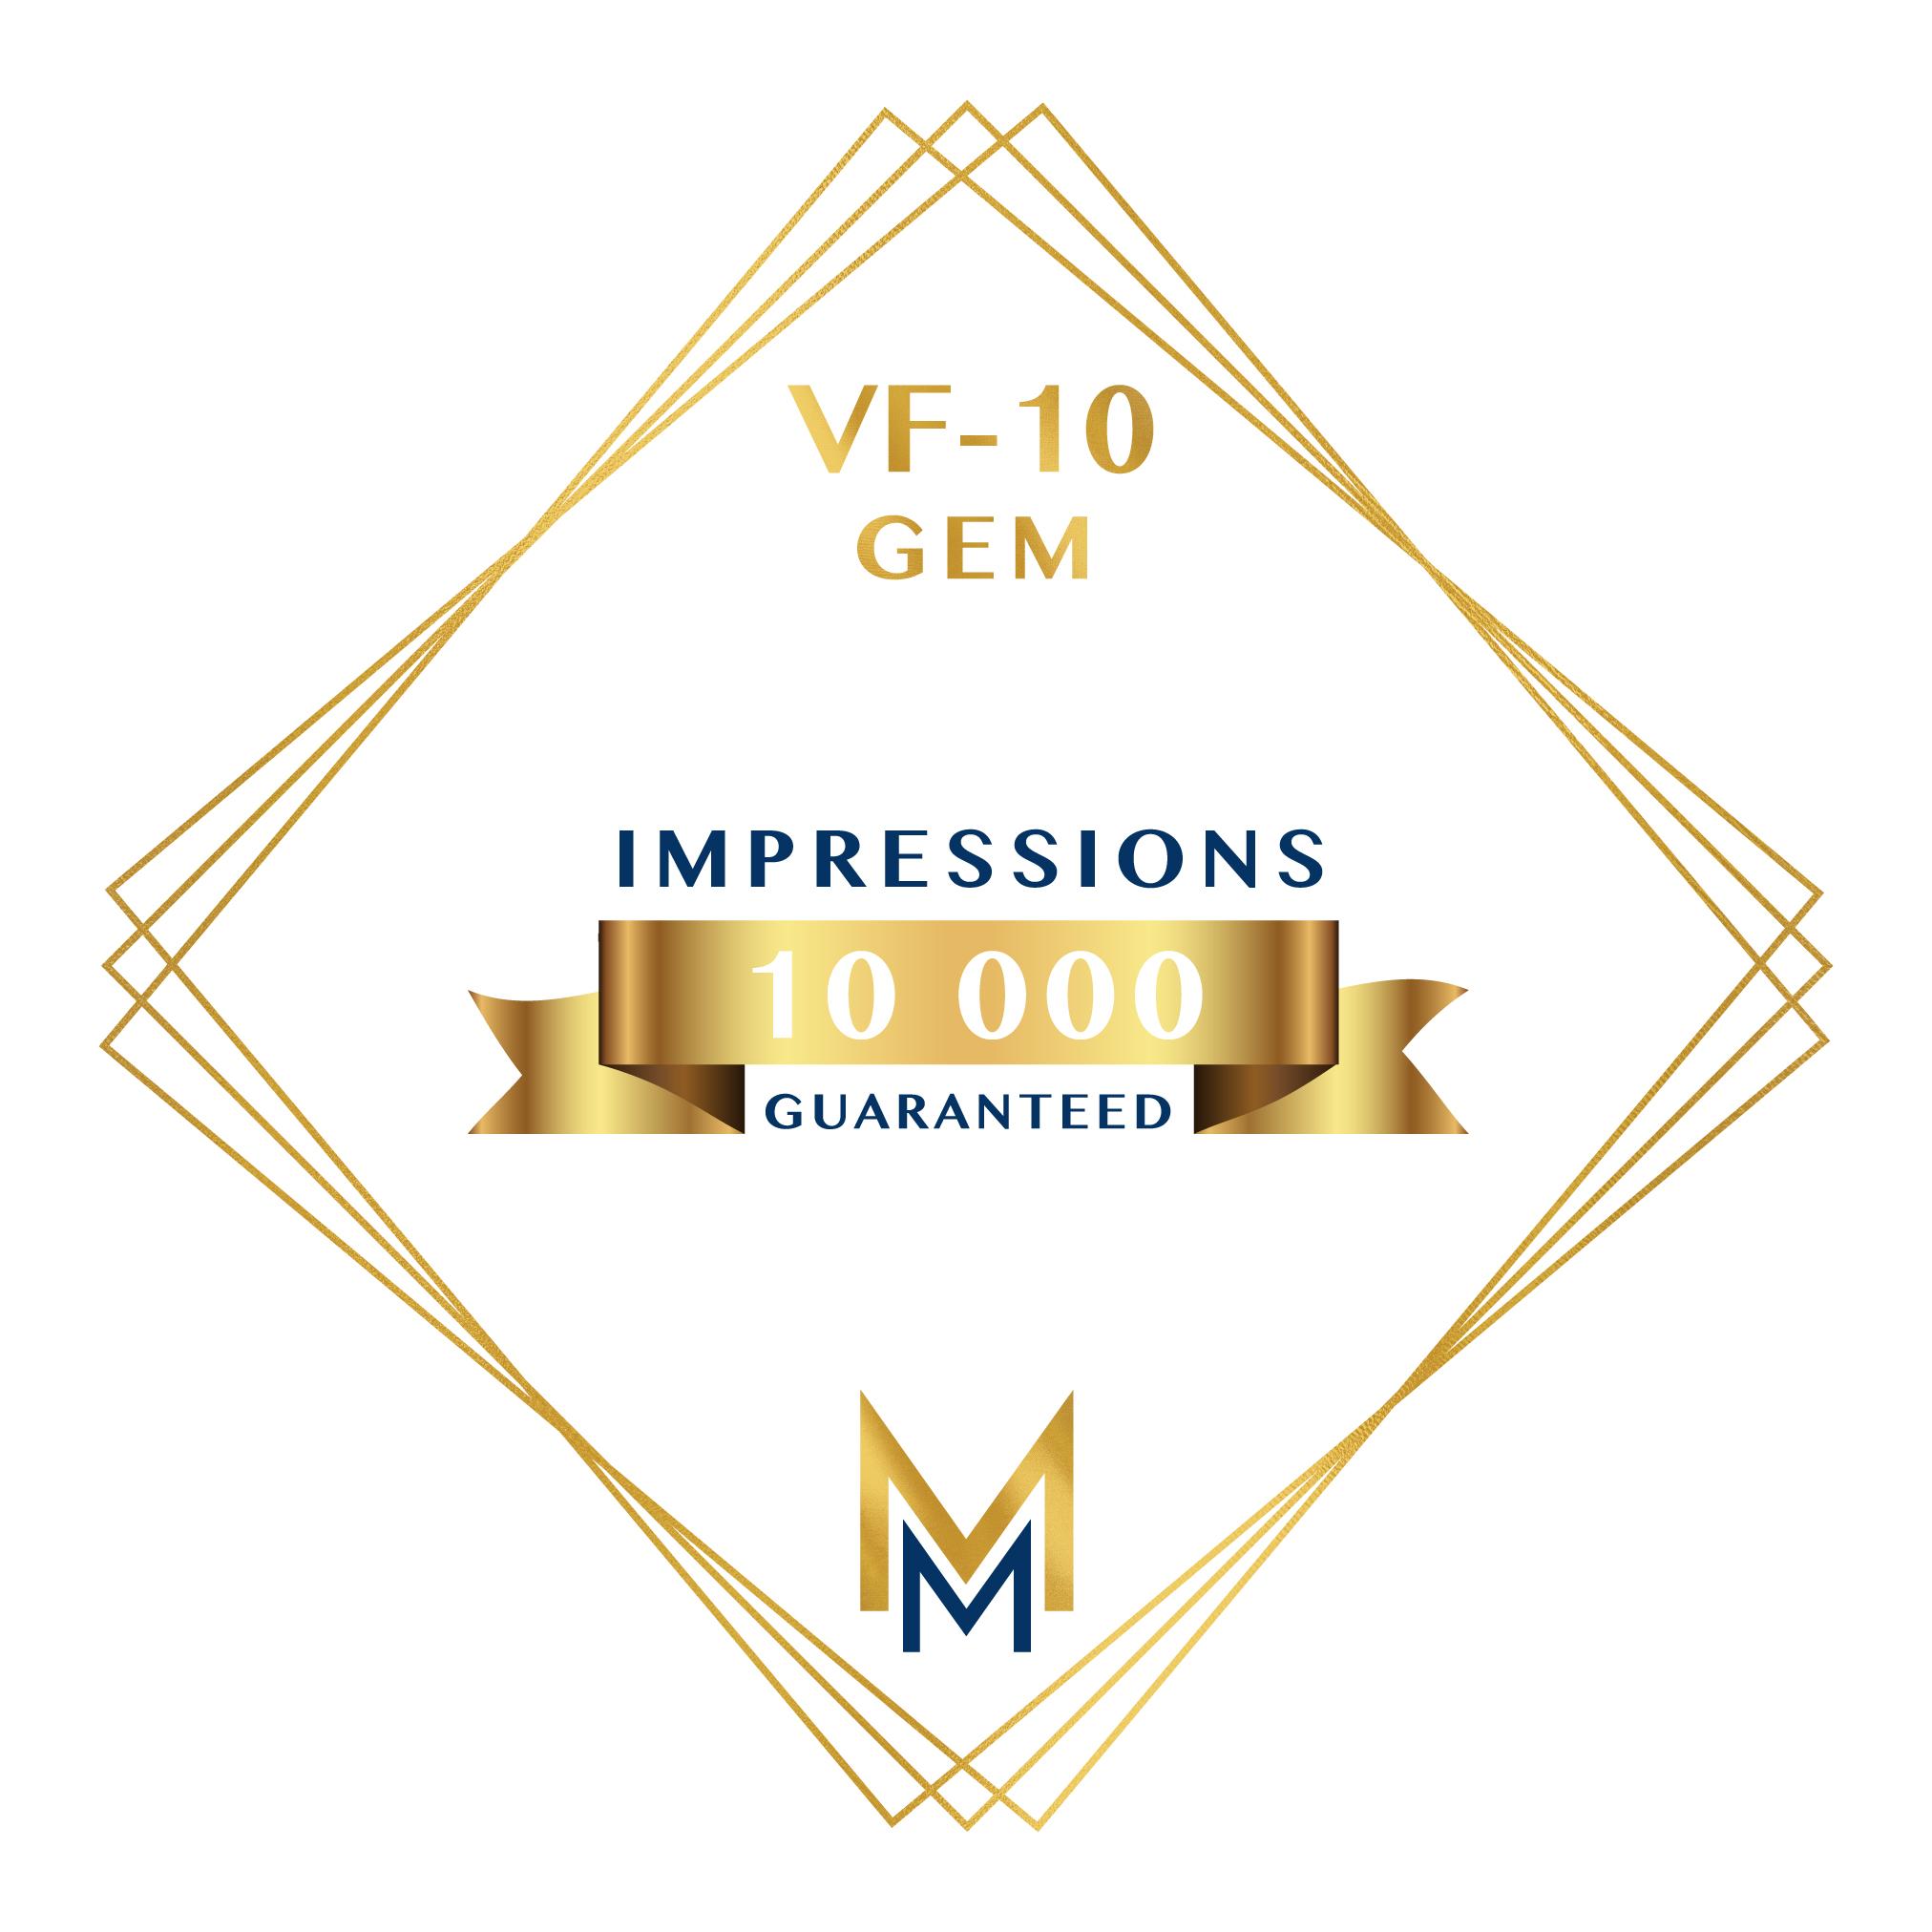 Gem-VF-10-MMS-HQ.jpg